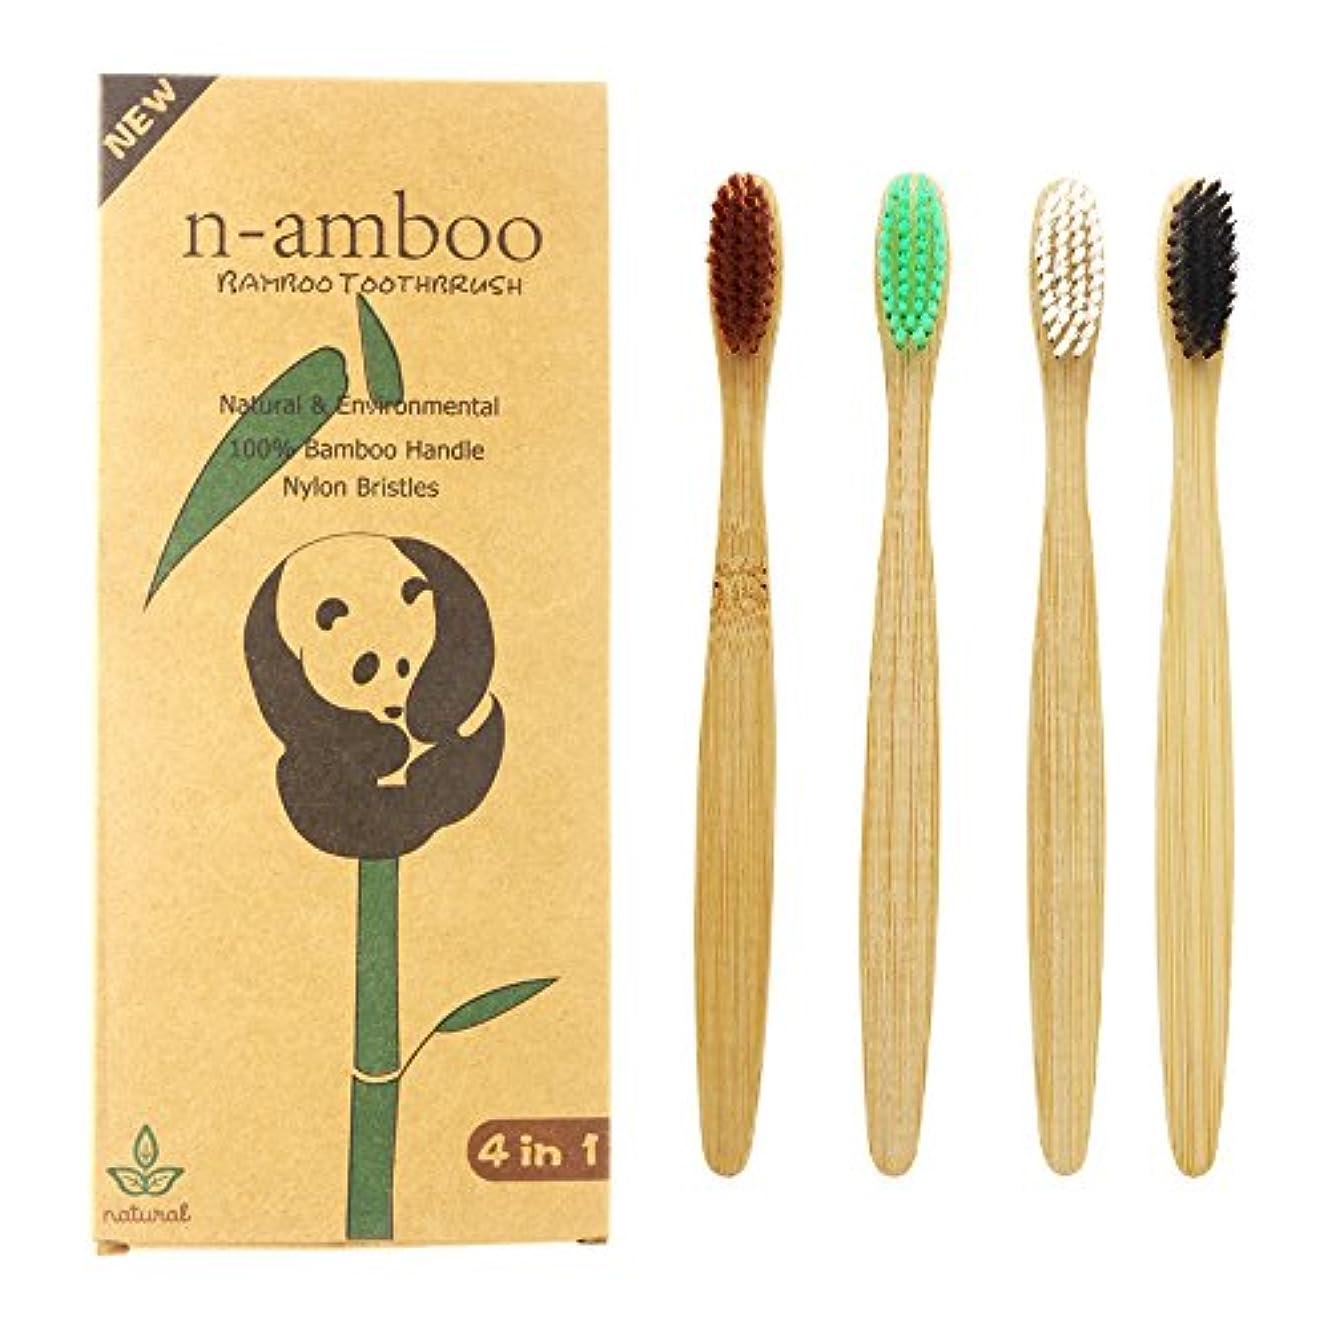 温かい未来色合いN-amboo 竹製 歯ブラシ 高耐久性 4種類 4色セット エコ 軽量 4本入りセット